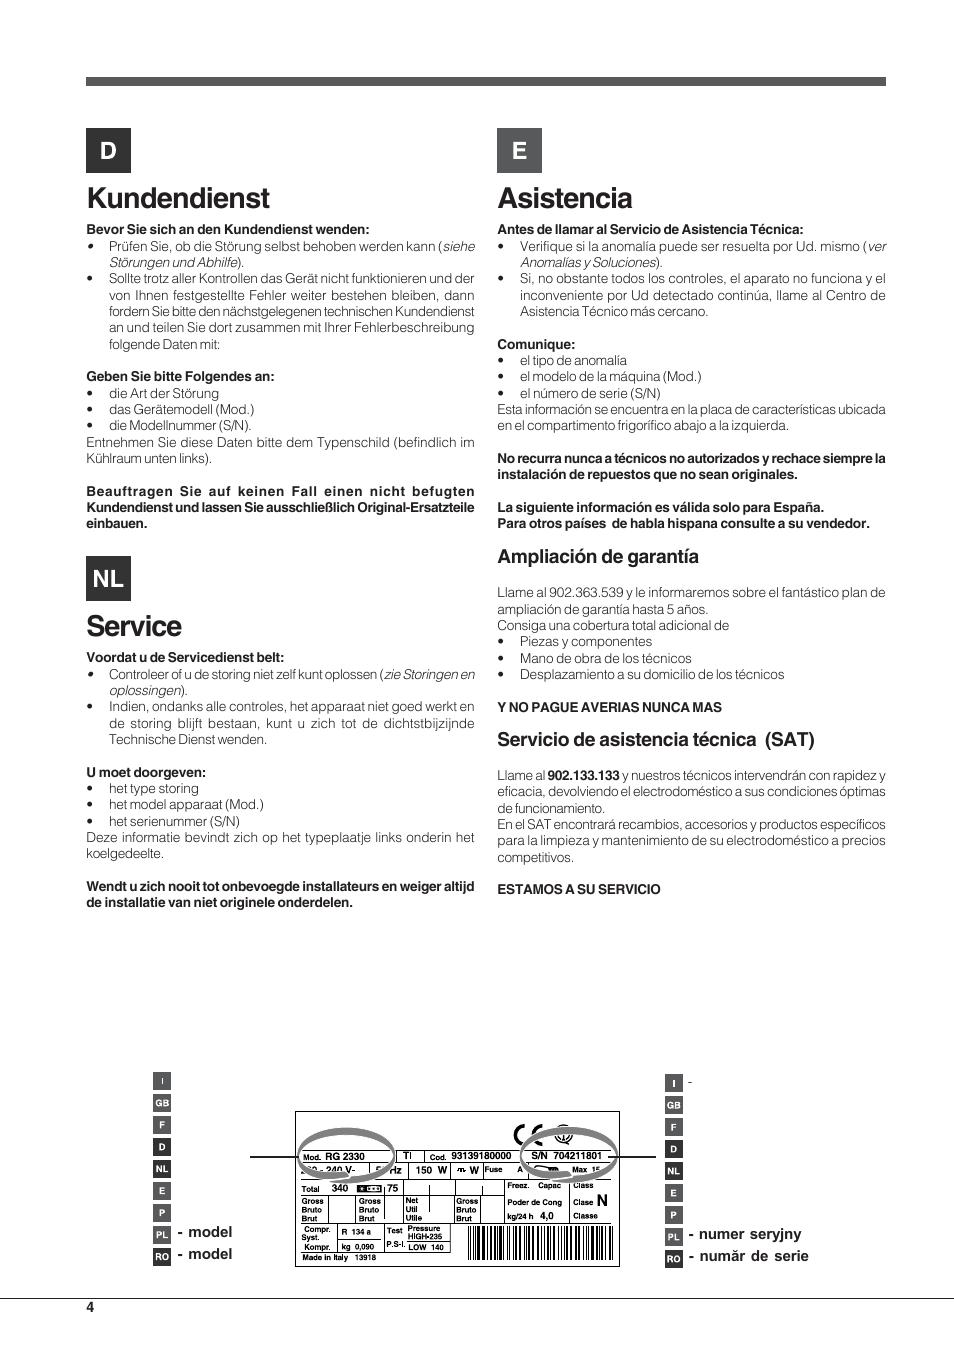 Kundendienst, Service, Asistencia | Ampliación de garantía, Servicio de  asistencia técnica (sat